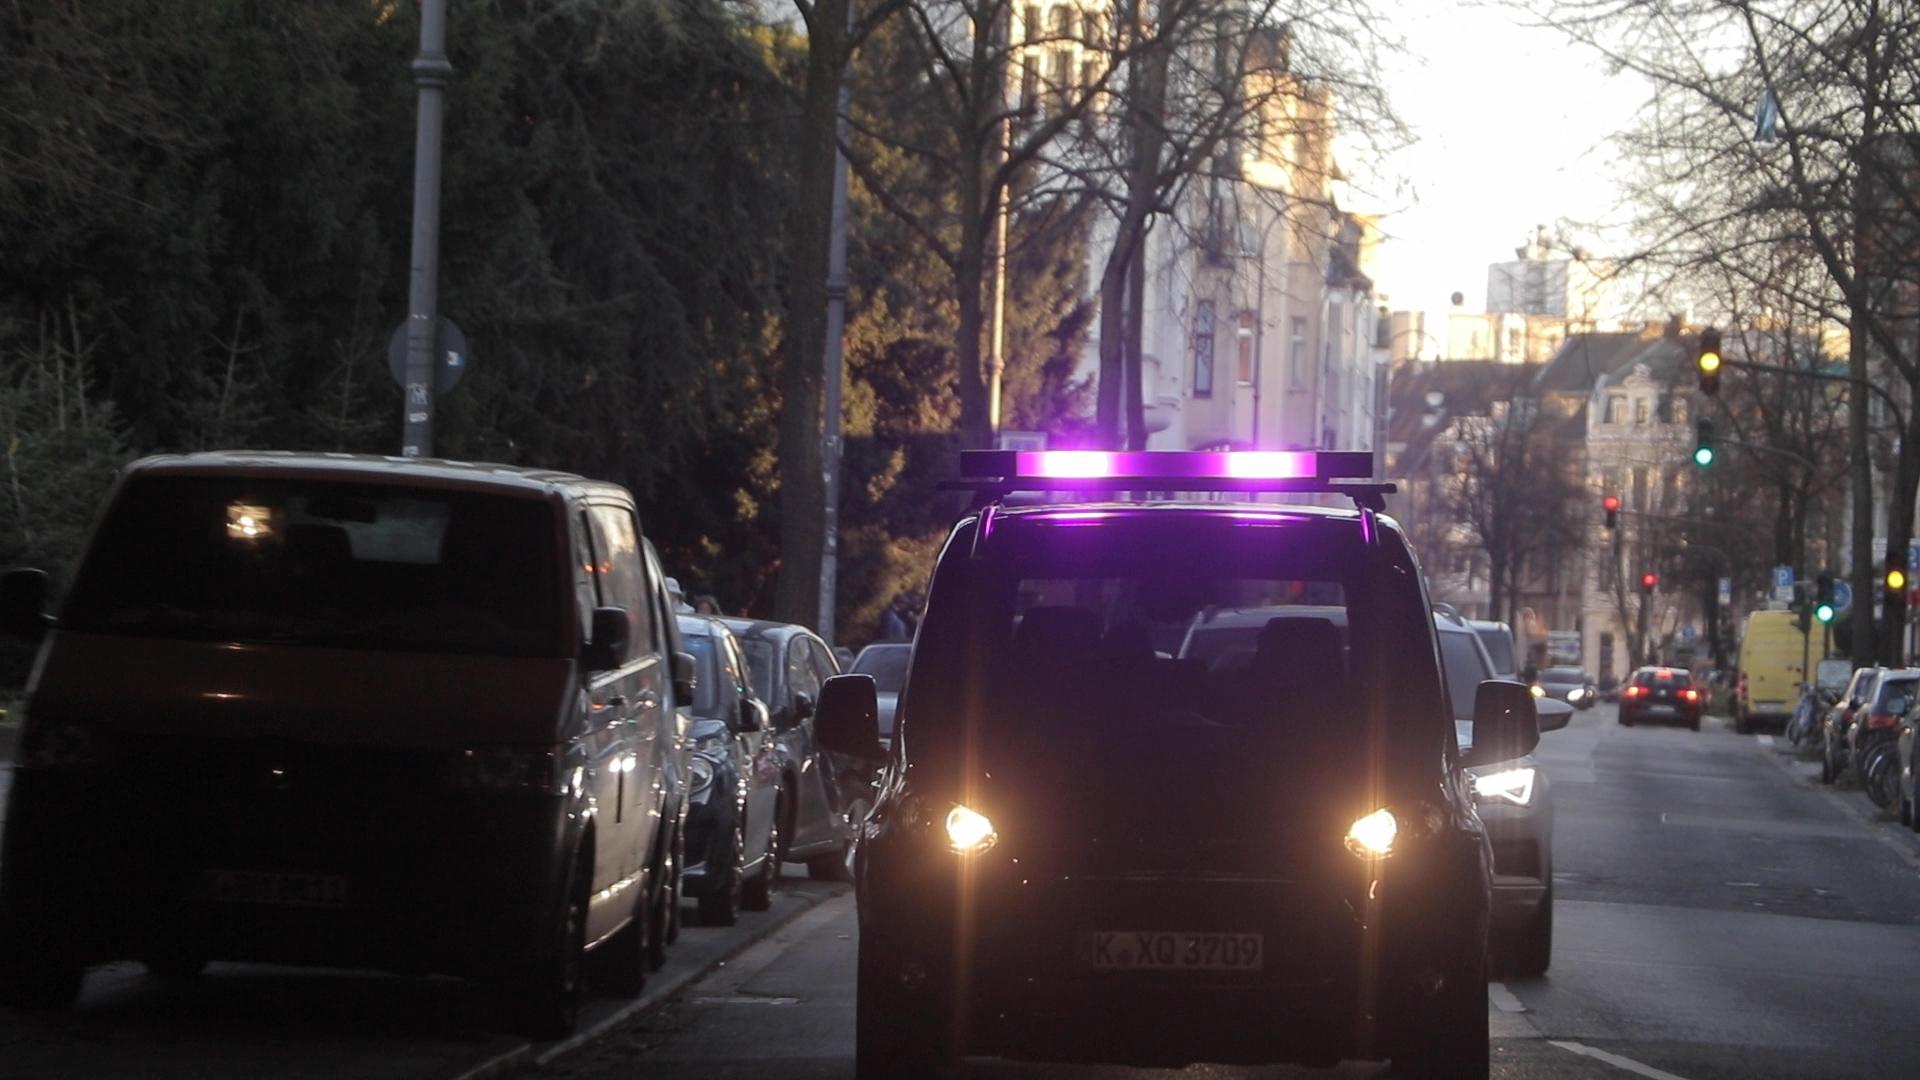 Ford-testet-Lichtsignale-f-r-die-Kommunikation-zwischen-Autonomen-Fahrzeugen-und-Fussg-ngern